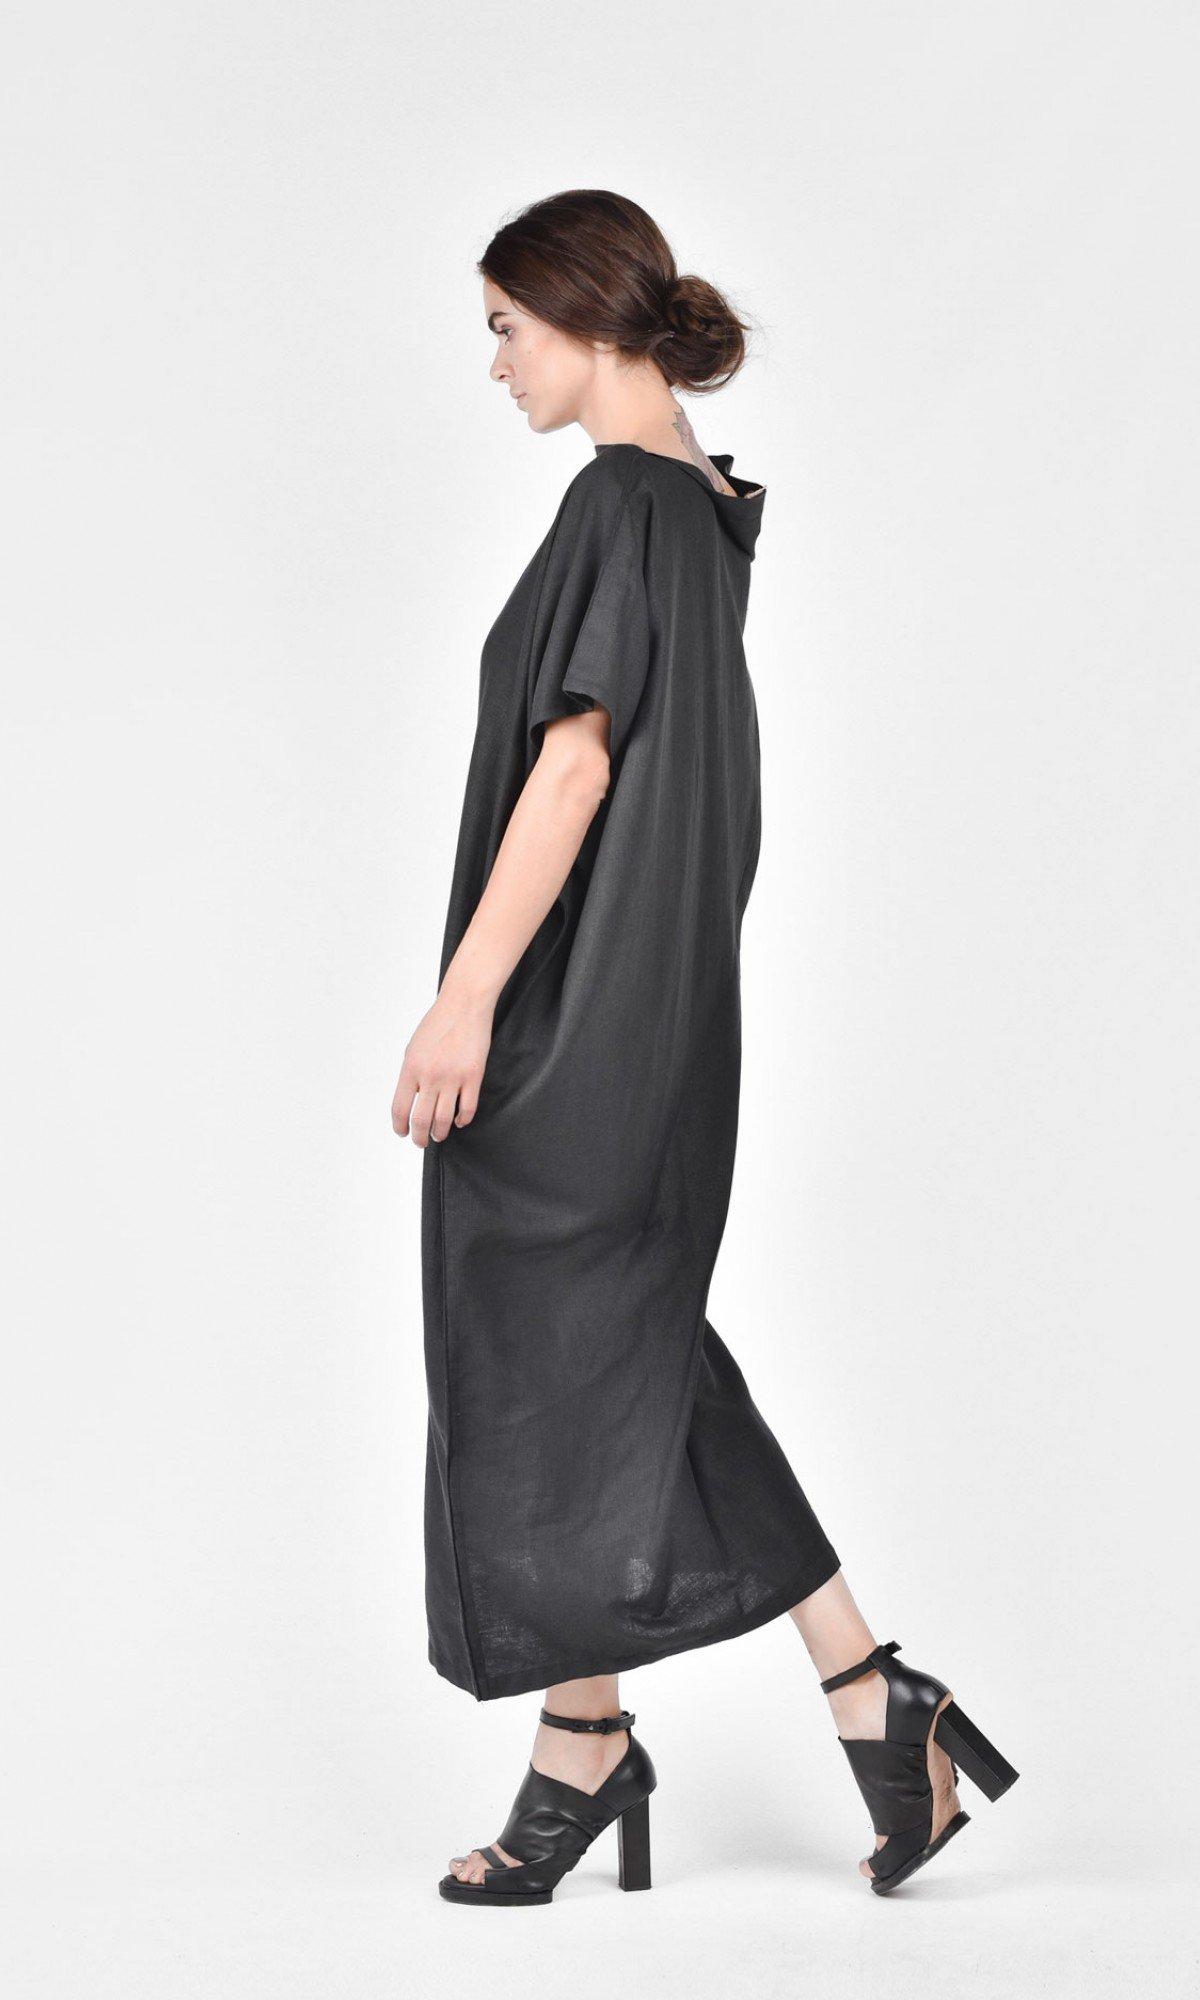 Sleeveless Linen Dress Asymmetric Dress A03544